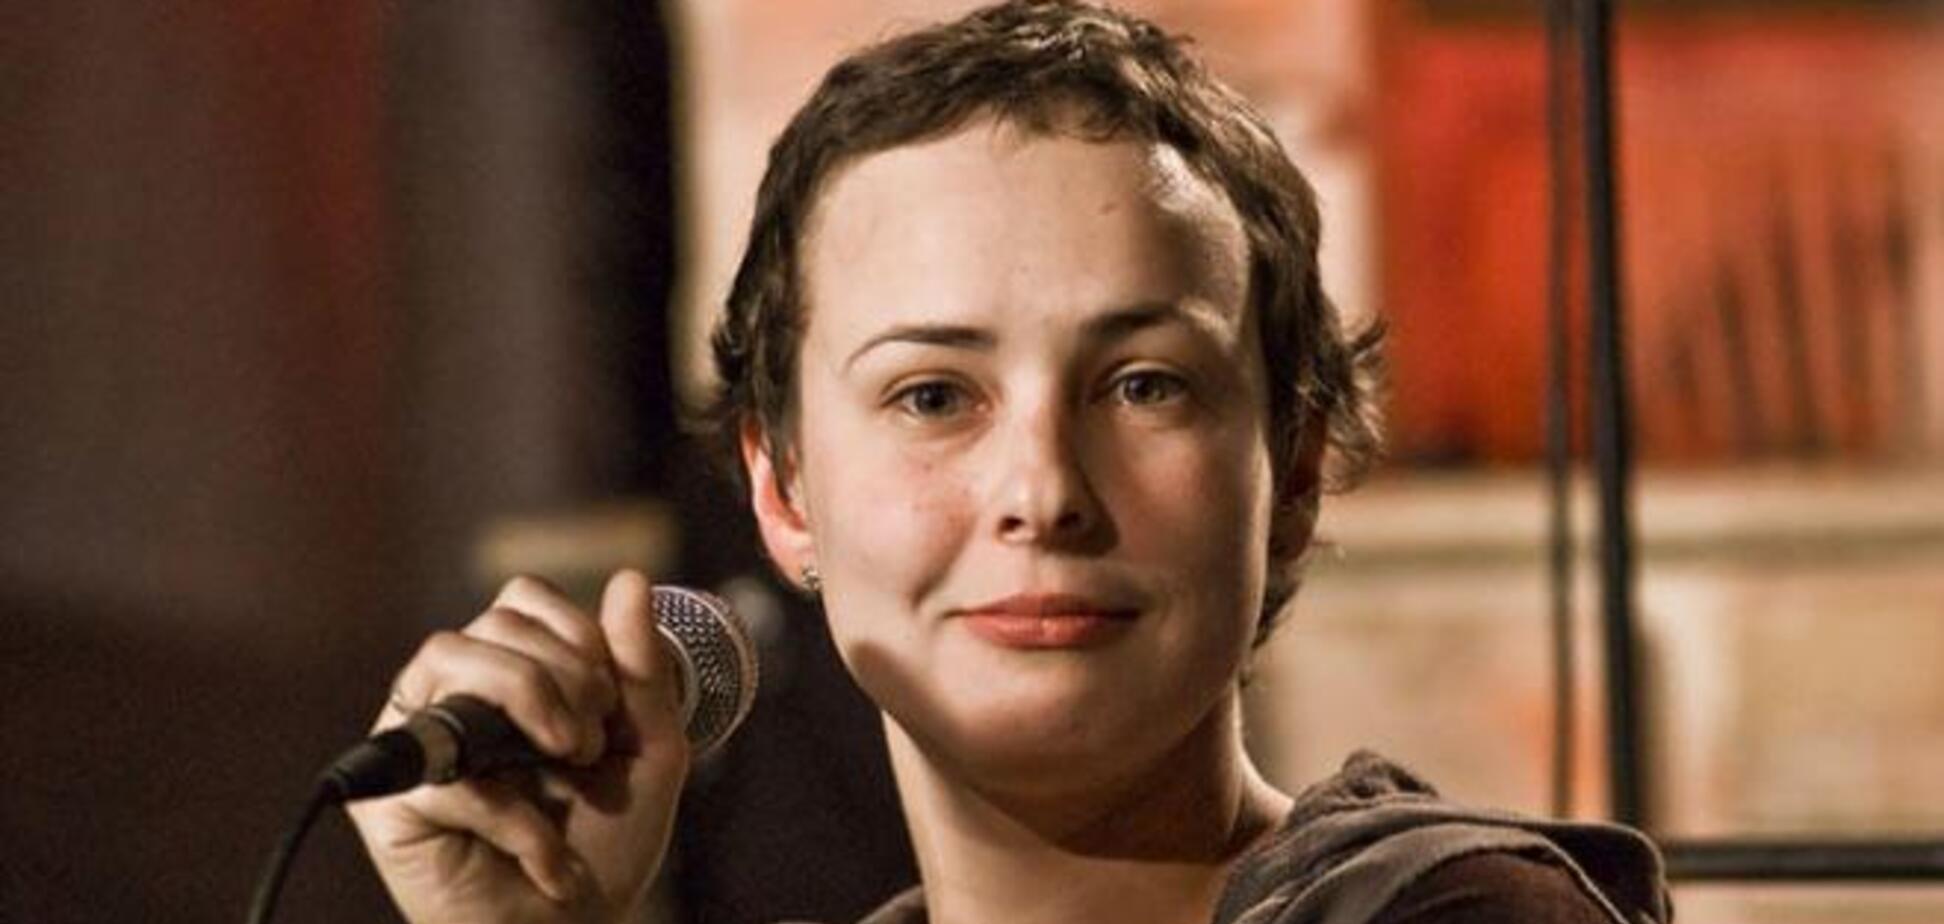 'Впарює безкоштовний концерт, аби прийшли': у мережі жорстко висміяли Чичеріну, яка зібралася в Україну